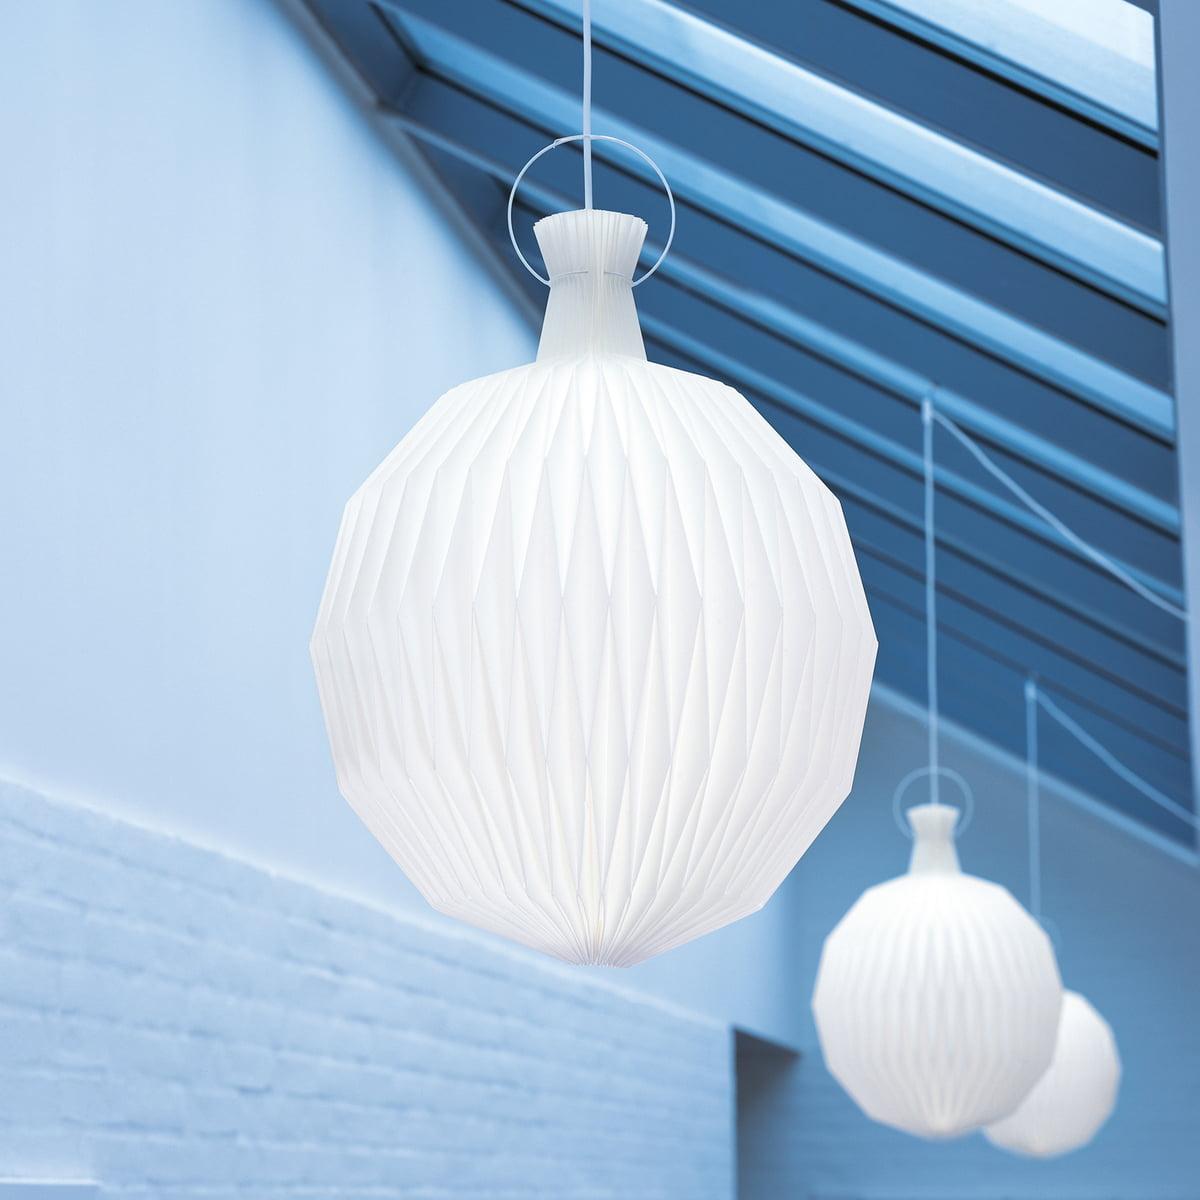 101 Pendant Lamp By Le Klint In Our Shop